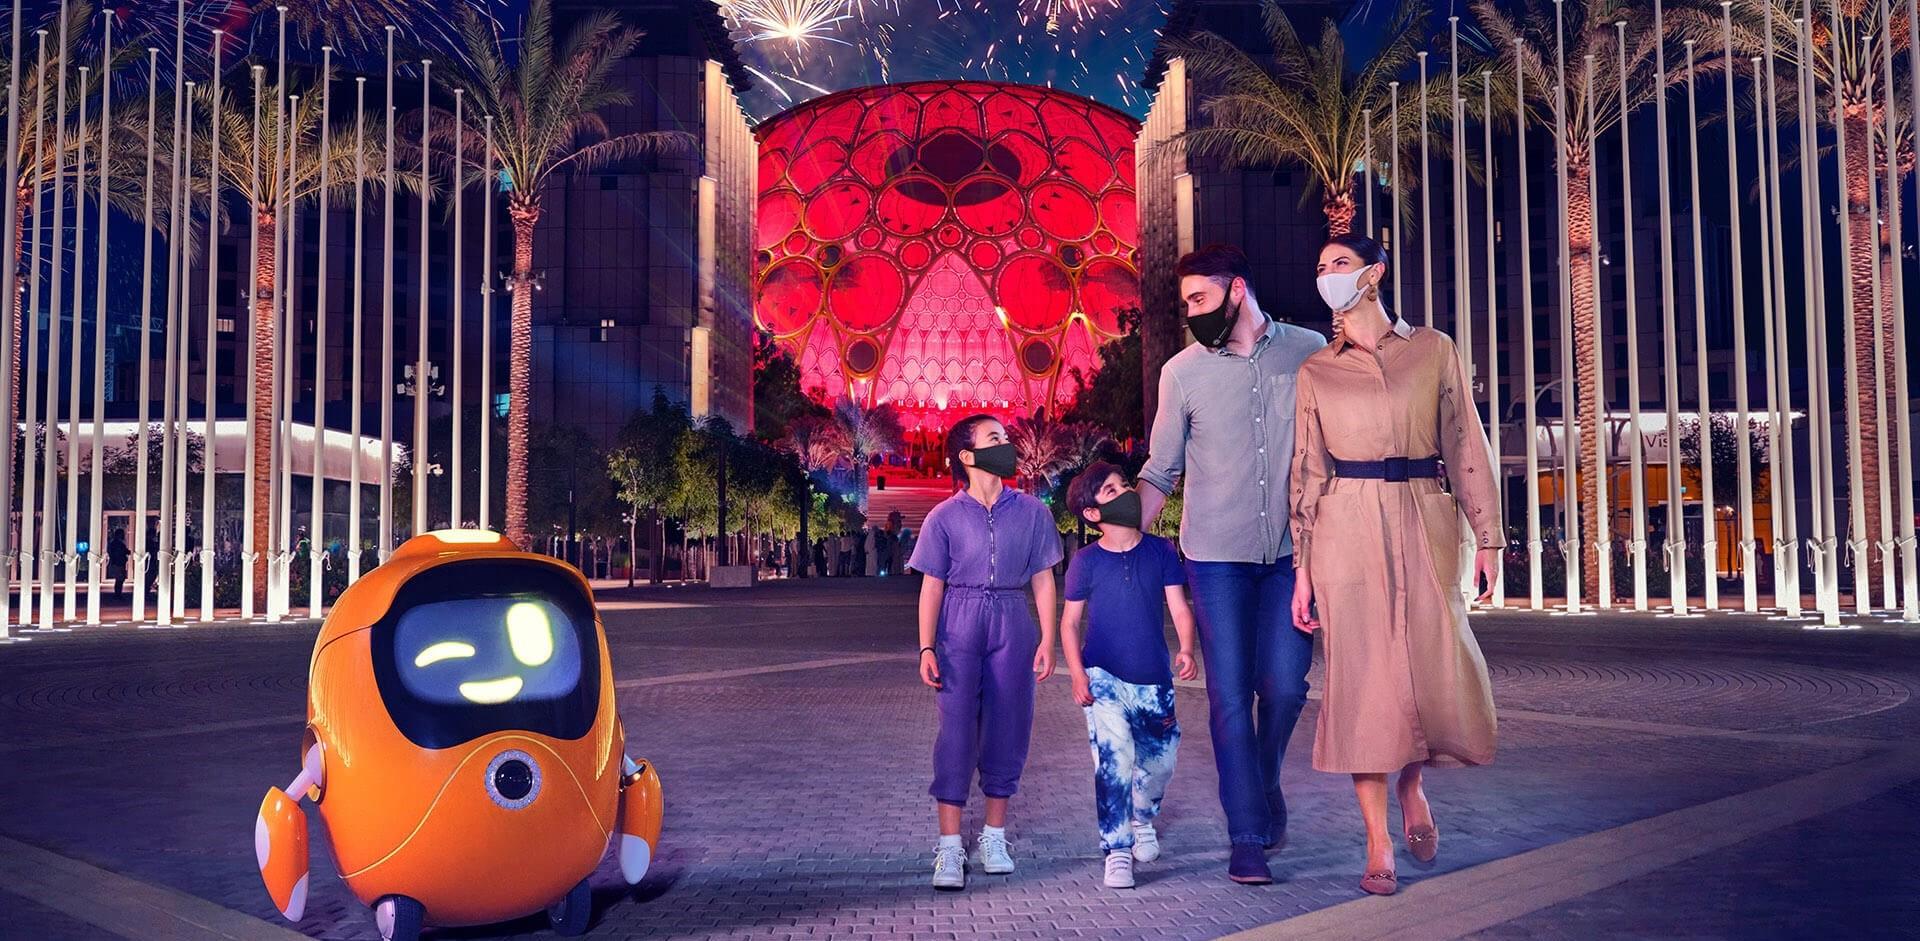 نمایشگاه جهانی اکسپو 2020 در دبی